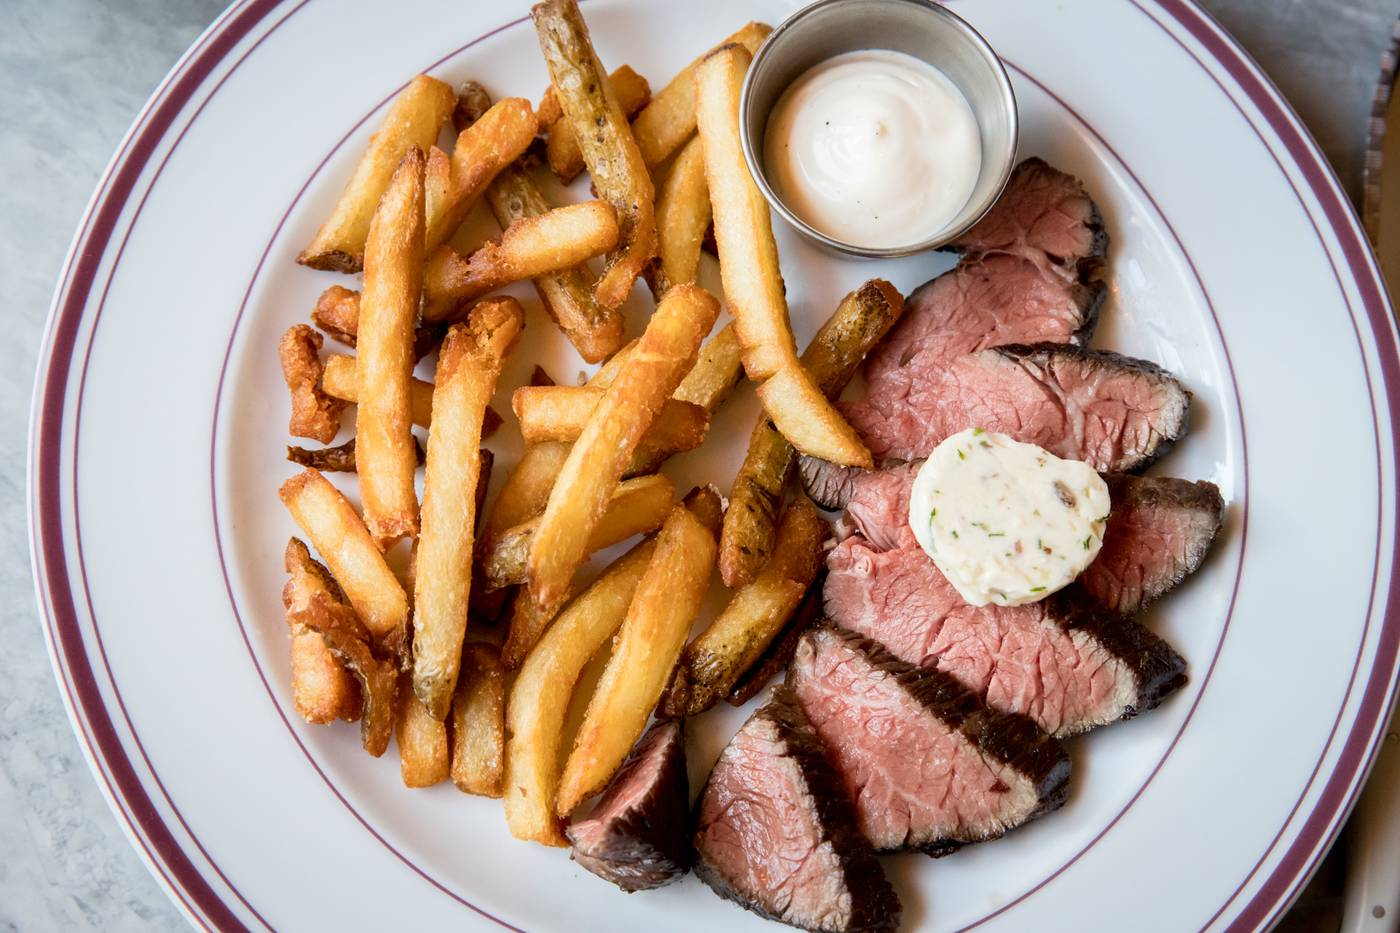 le swan lob toronto new restaurants edit seven